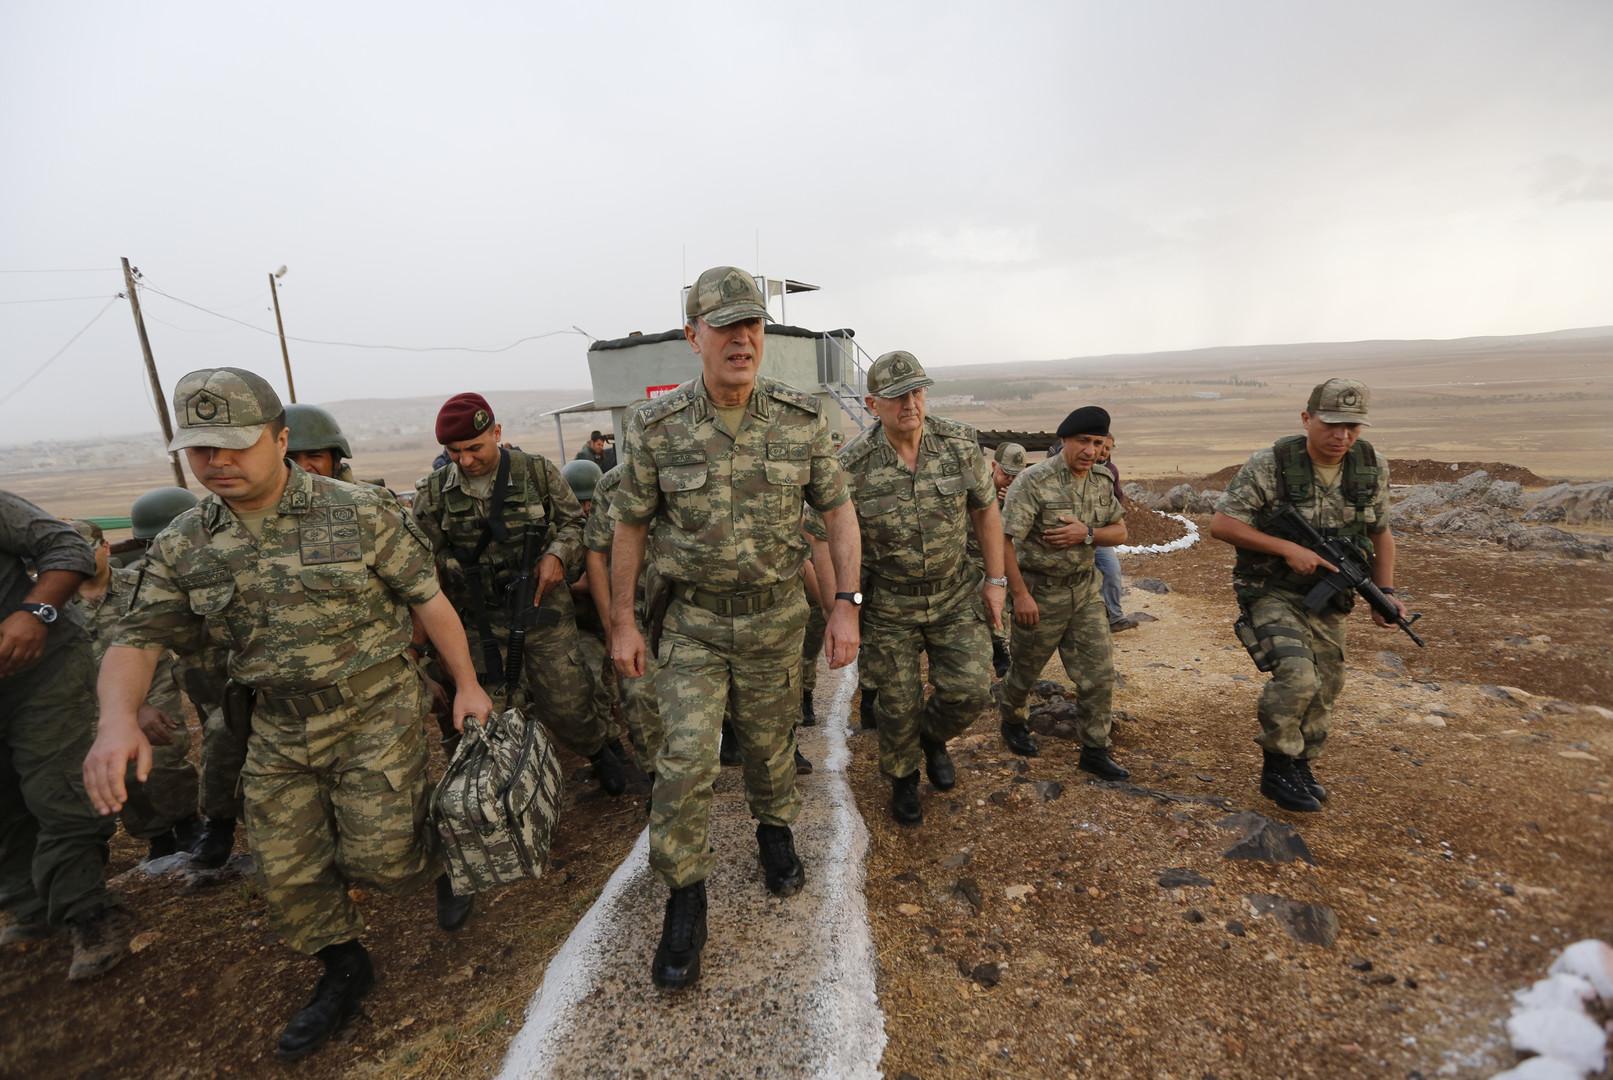 وزير الدفاع التركي يتفقد جيشه عند الحدود السورية